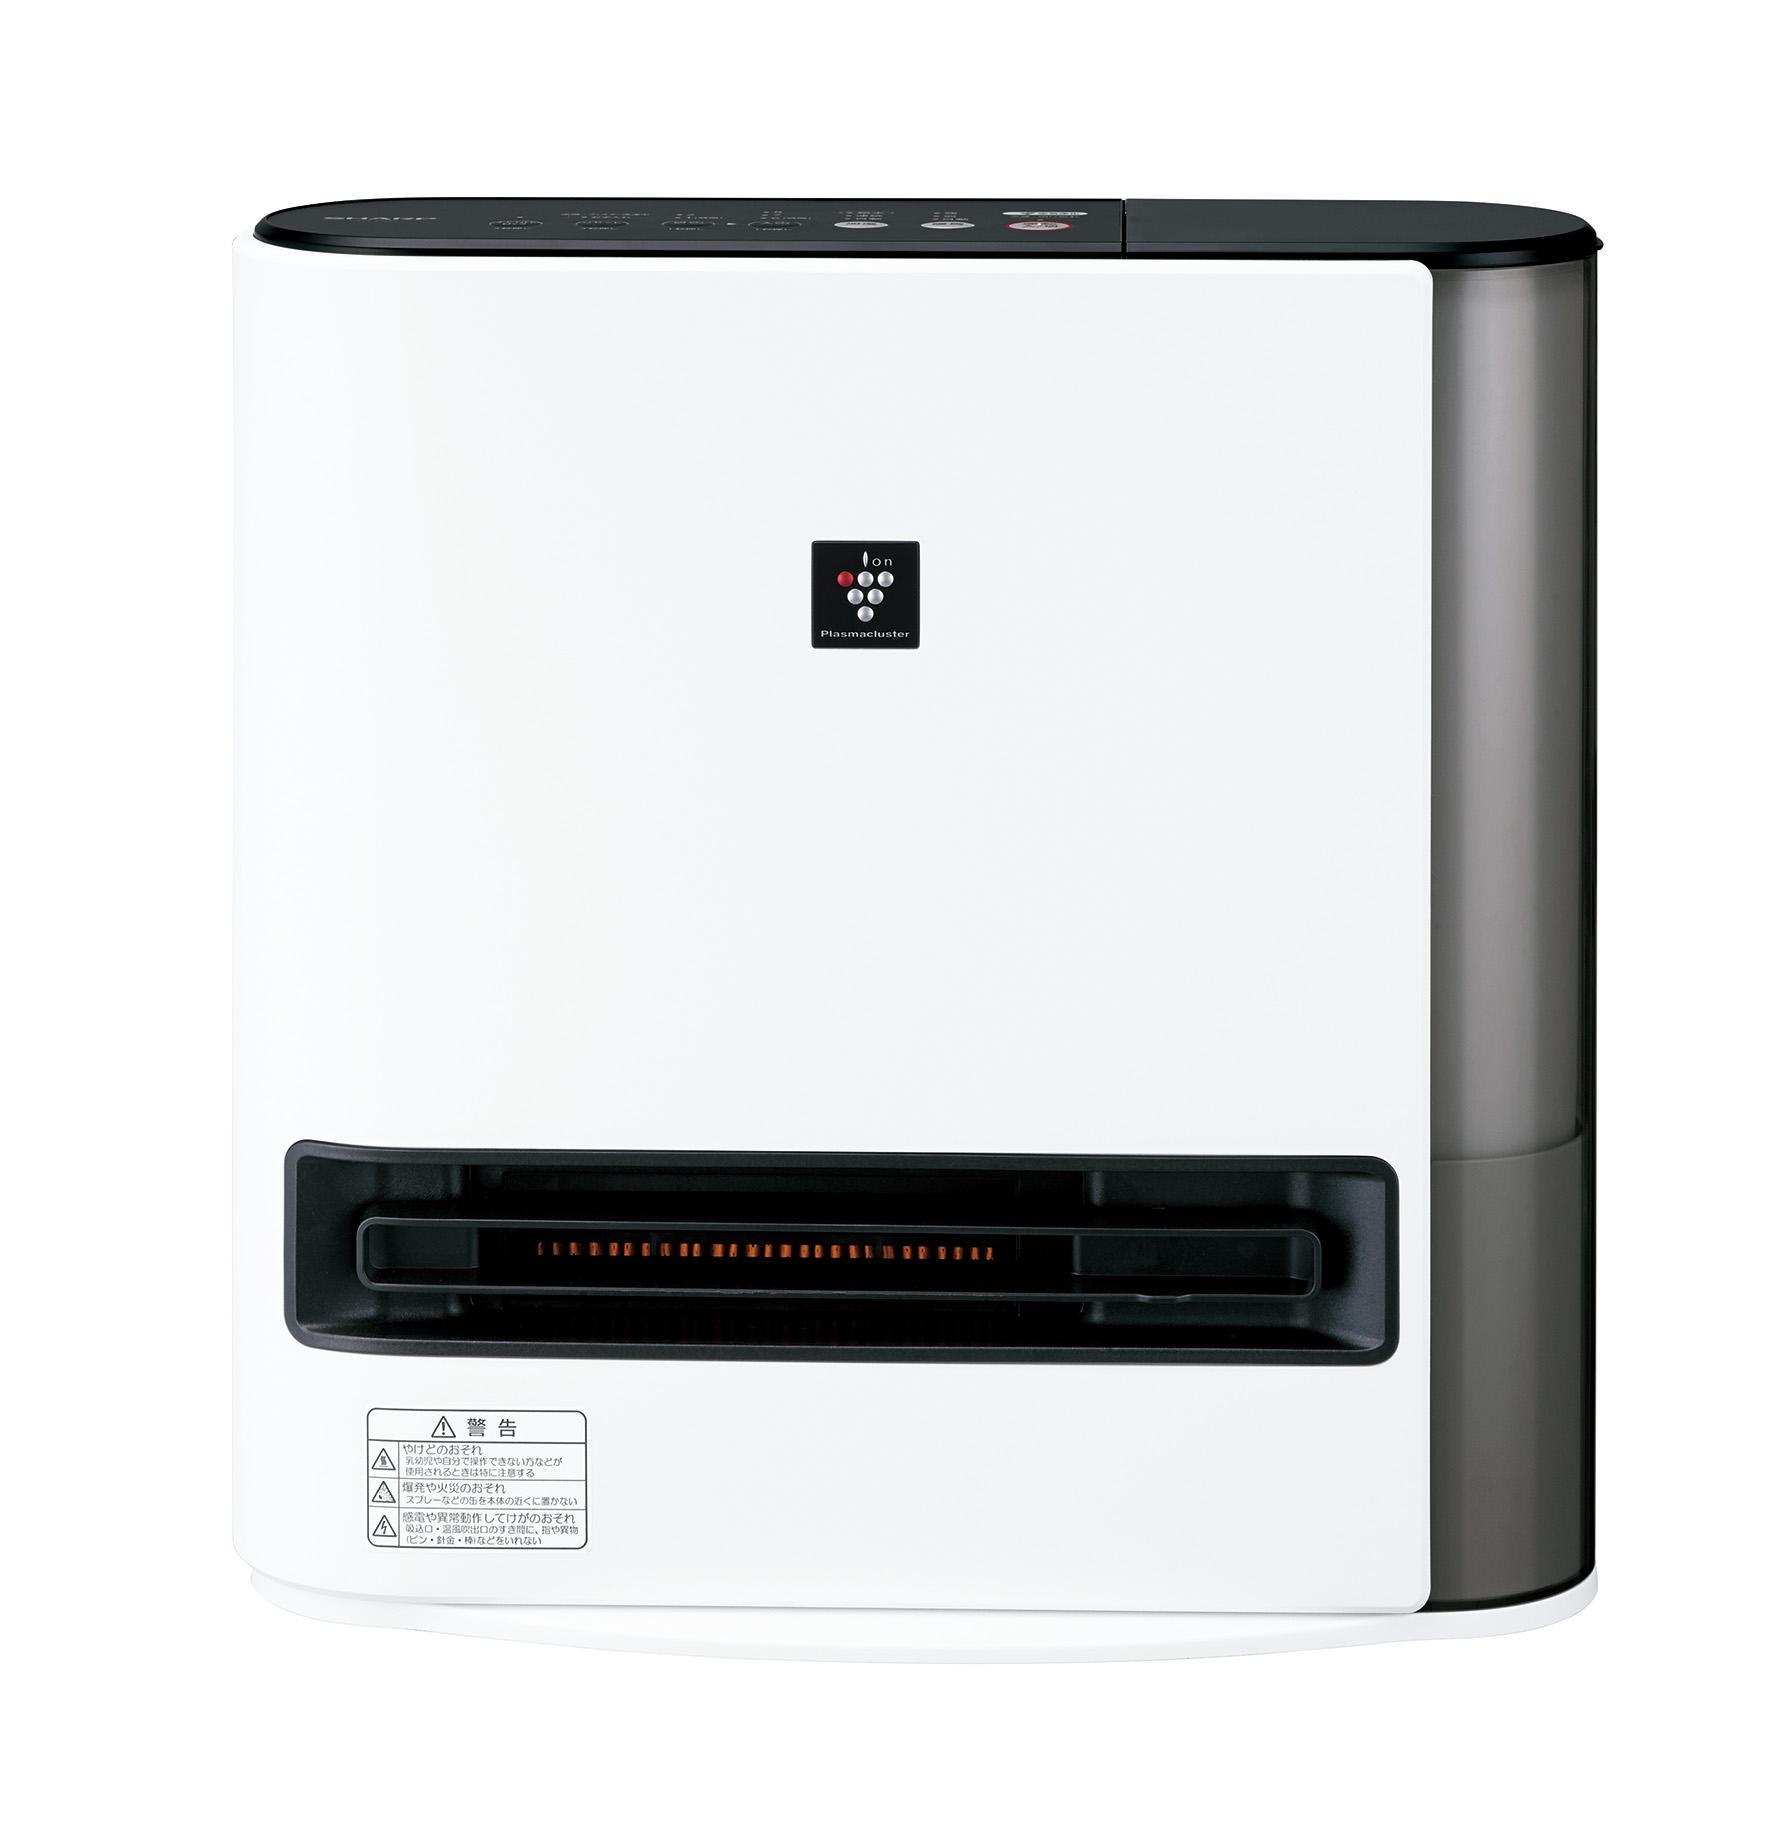 【シャープ】足元をしっかり温め、 加湿も清潔にたっぷりと『プラズマクラスター加湿セラミックファンヒーター HX-PK12』の画像